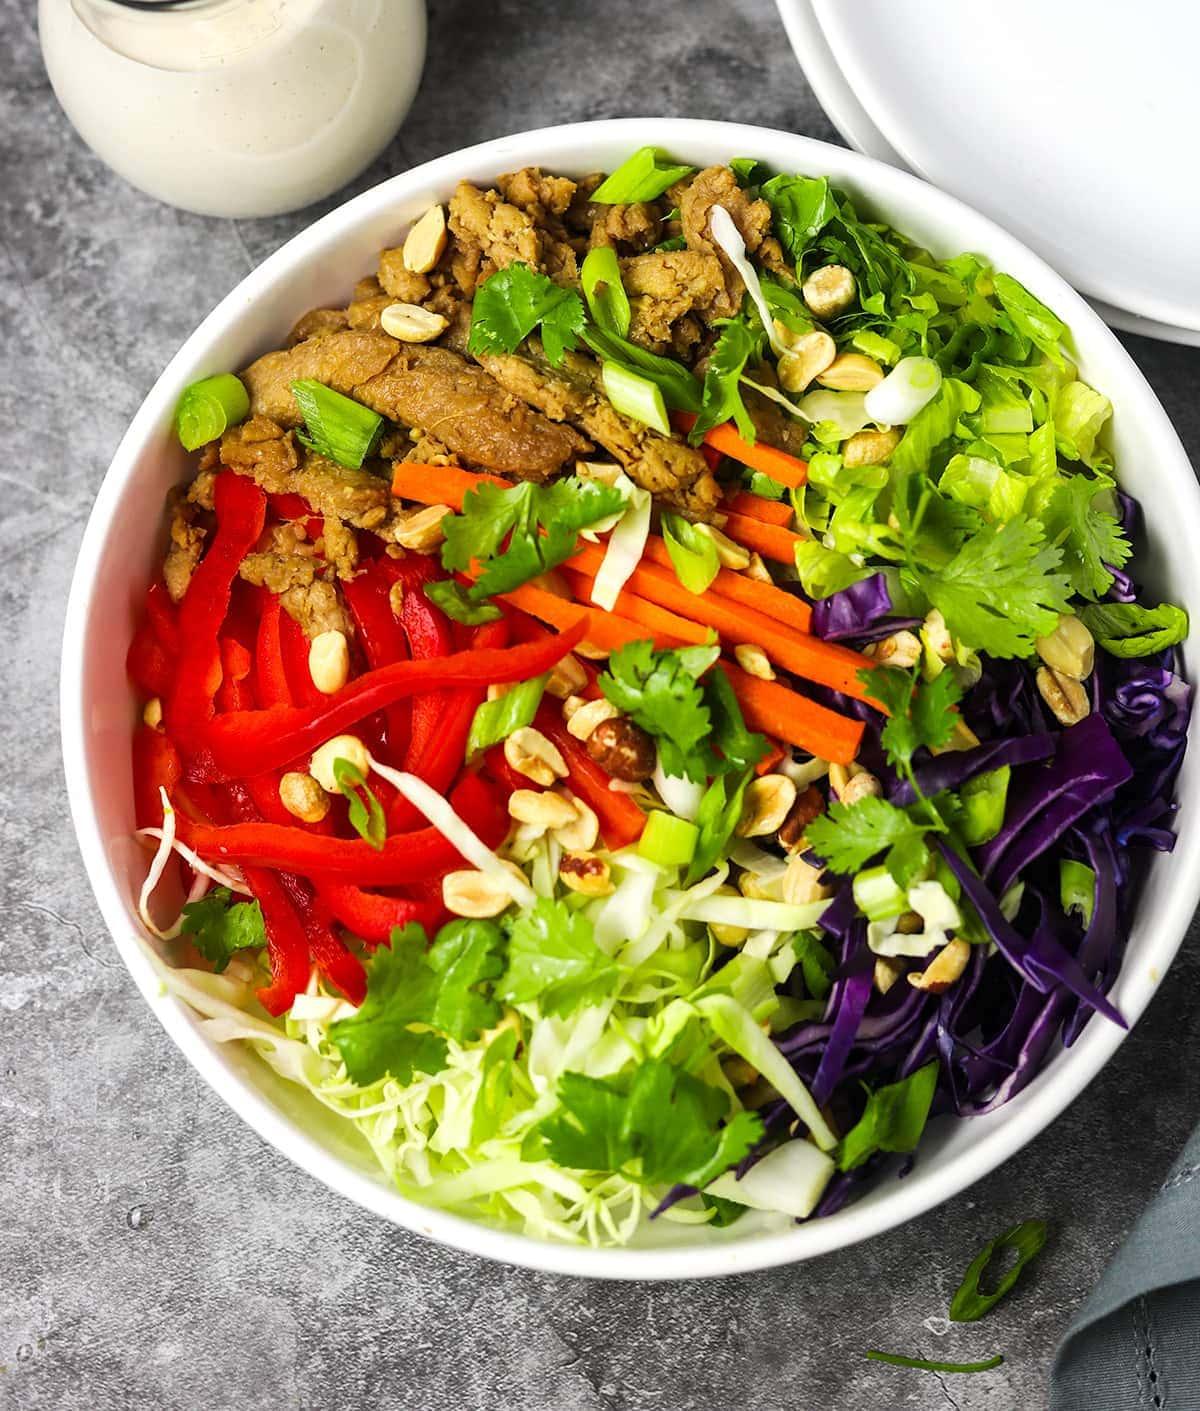 Vegan Asian Salad